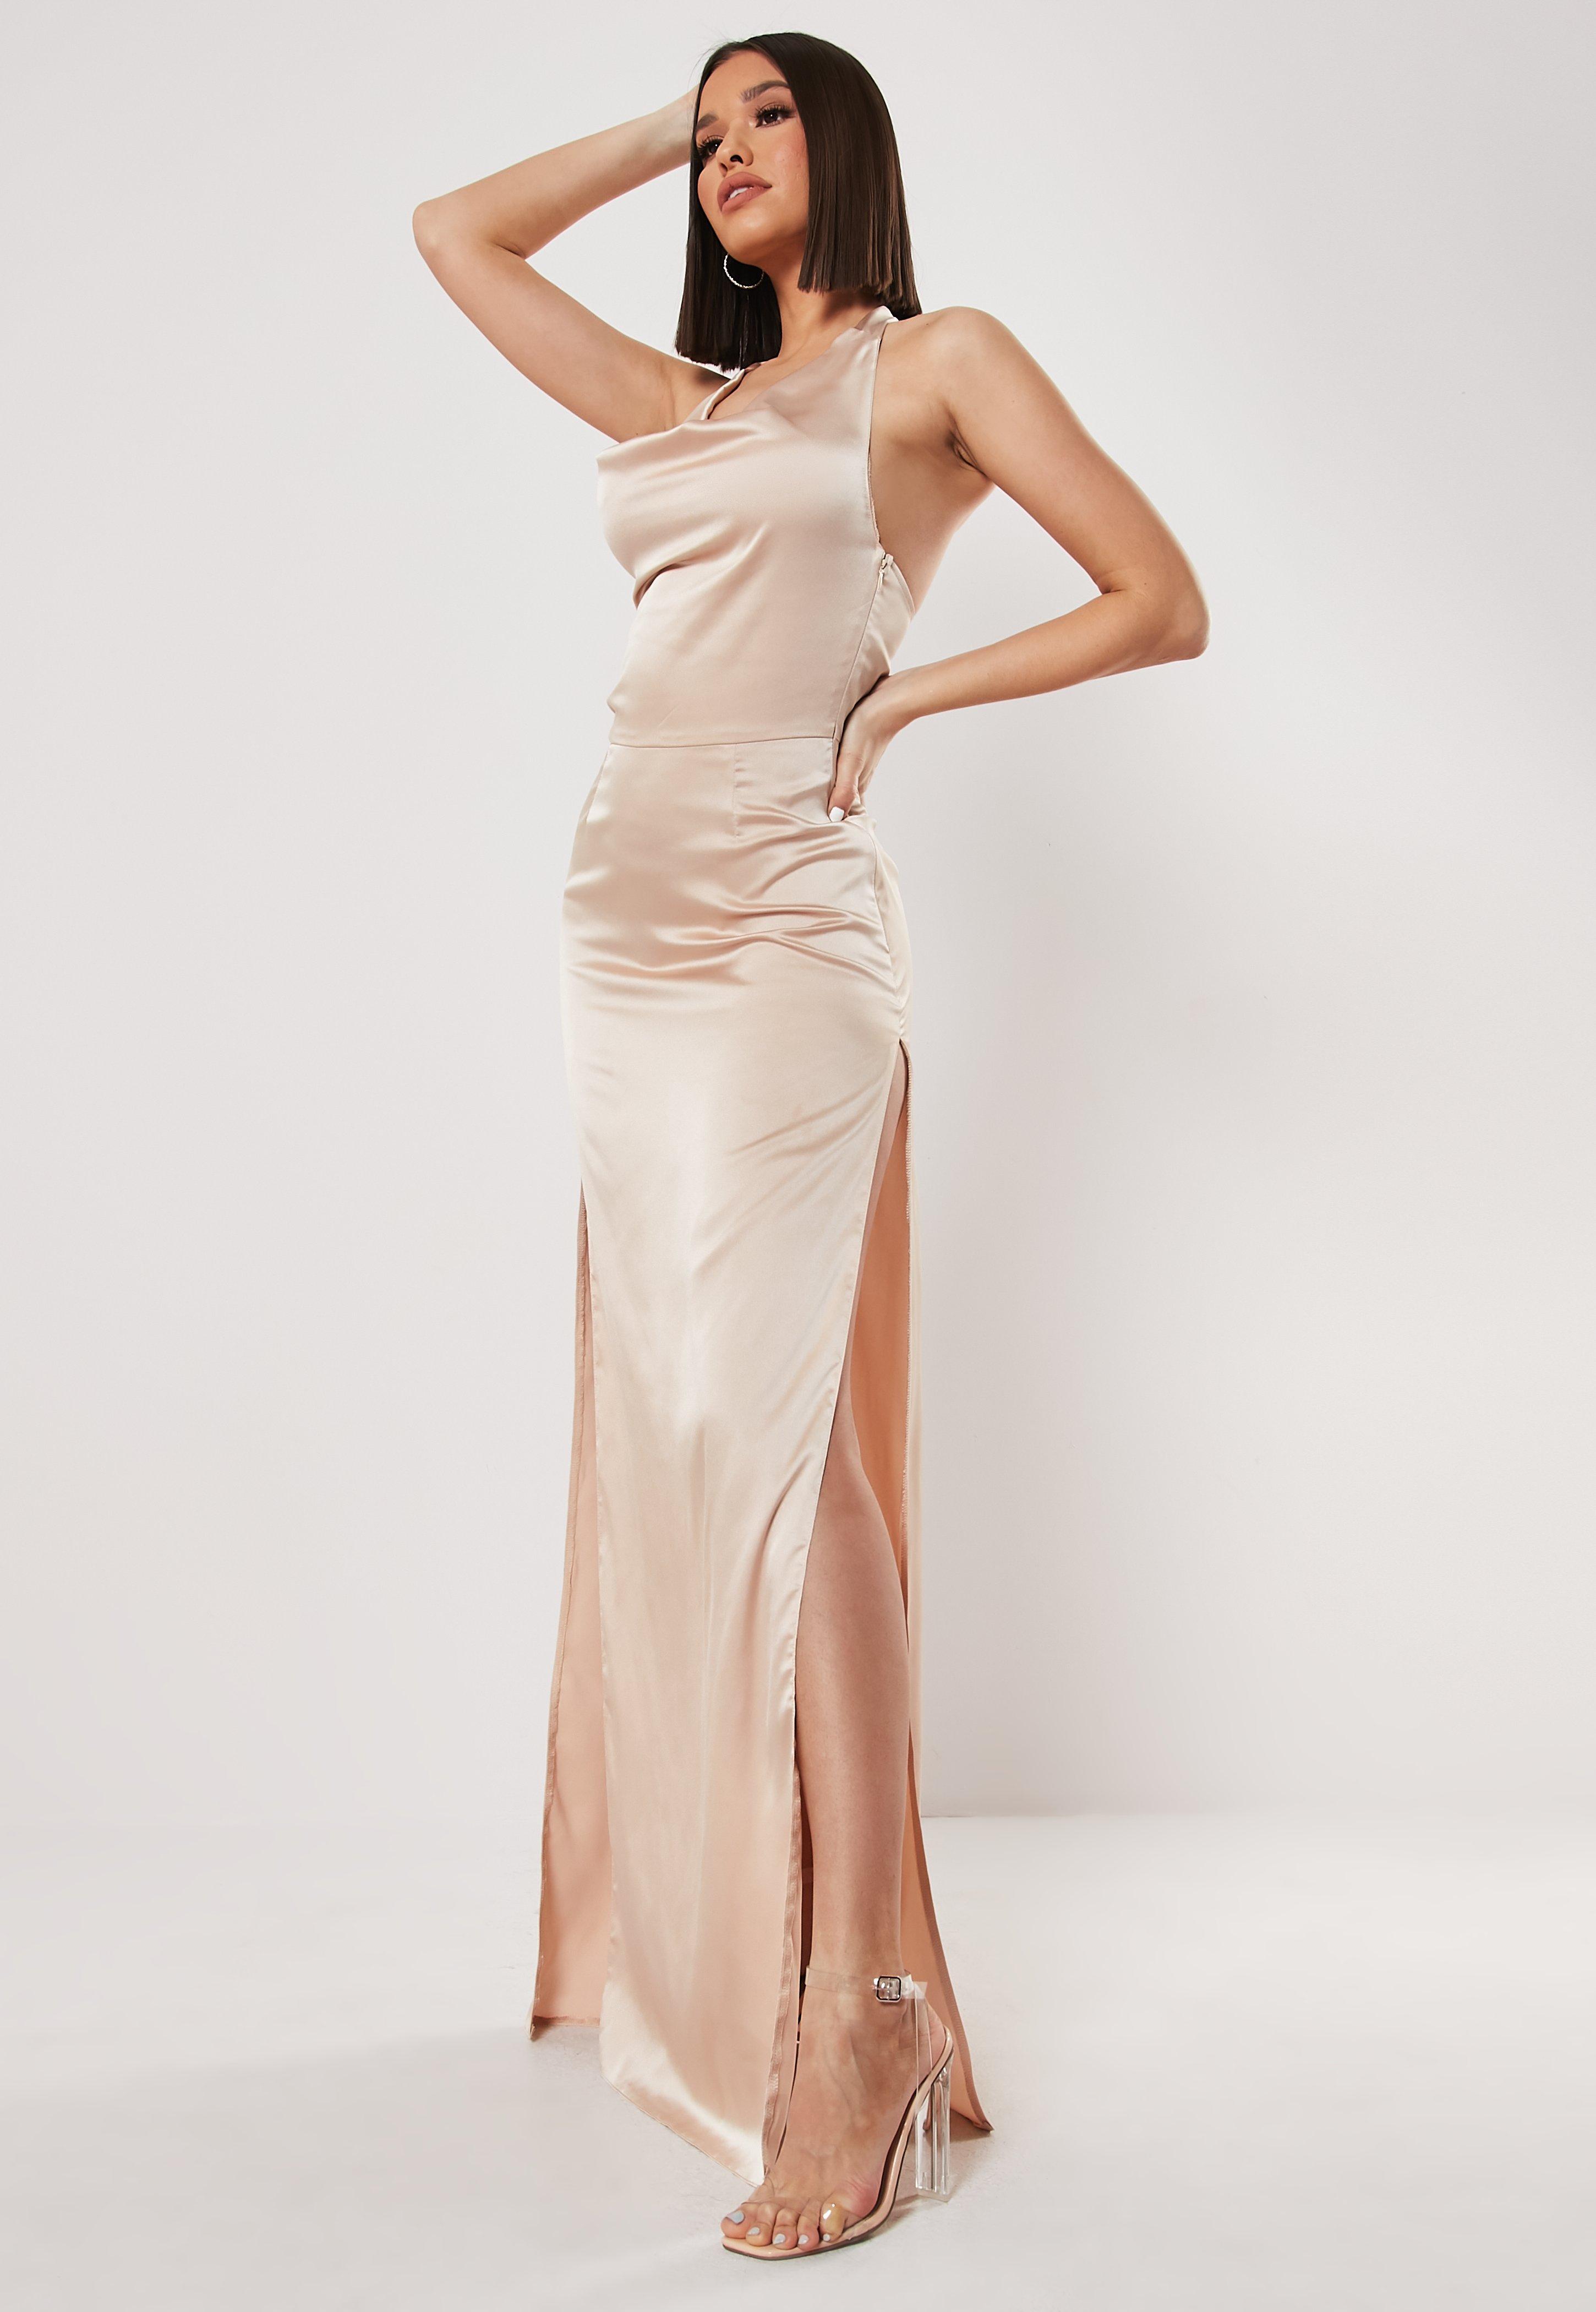 a01a4e94a5b1d Christmas Dresses | Xmas Party Dresses - Missguided